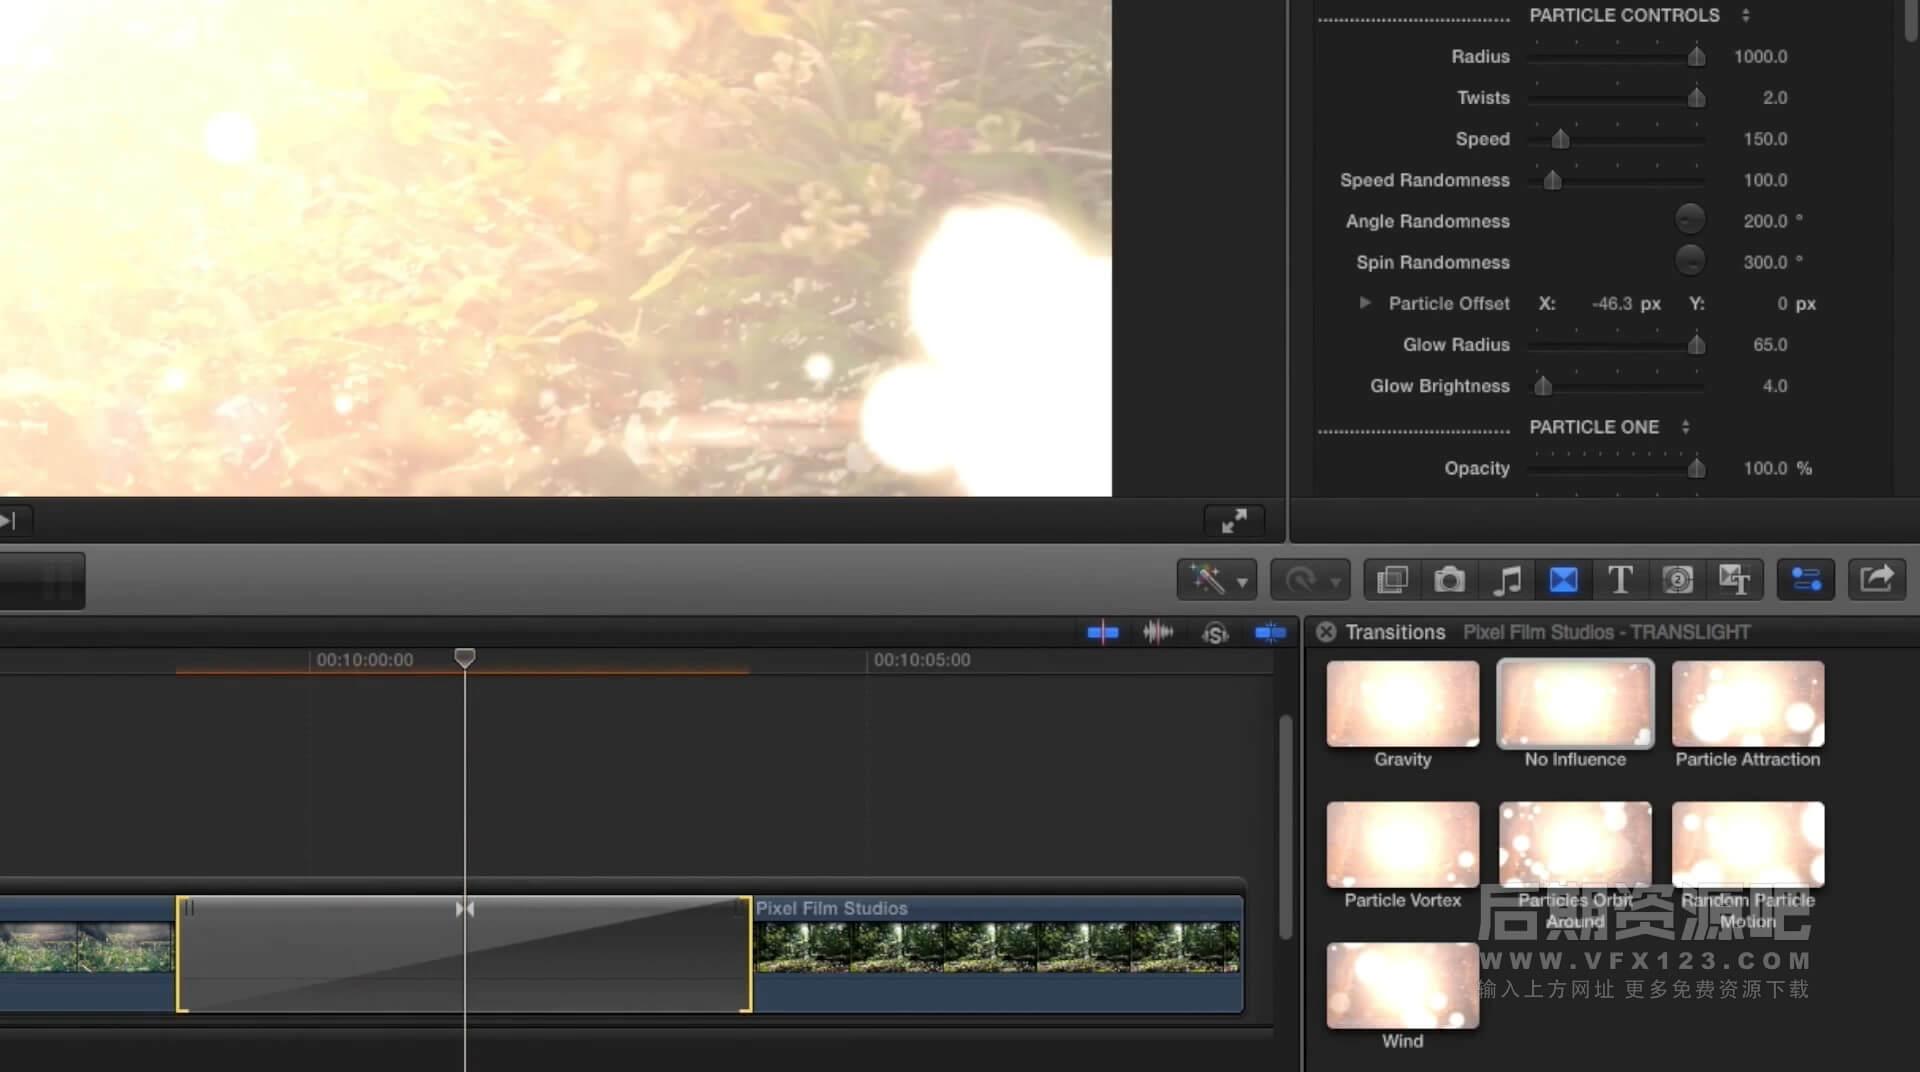 fcpx插件 镜头光斑粒子炫光效果过渡转场 Translight | MAC影视后期资源站